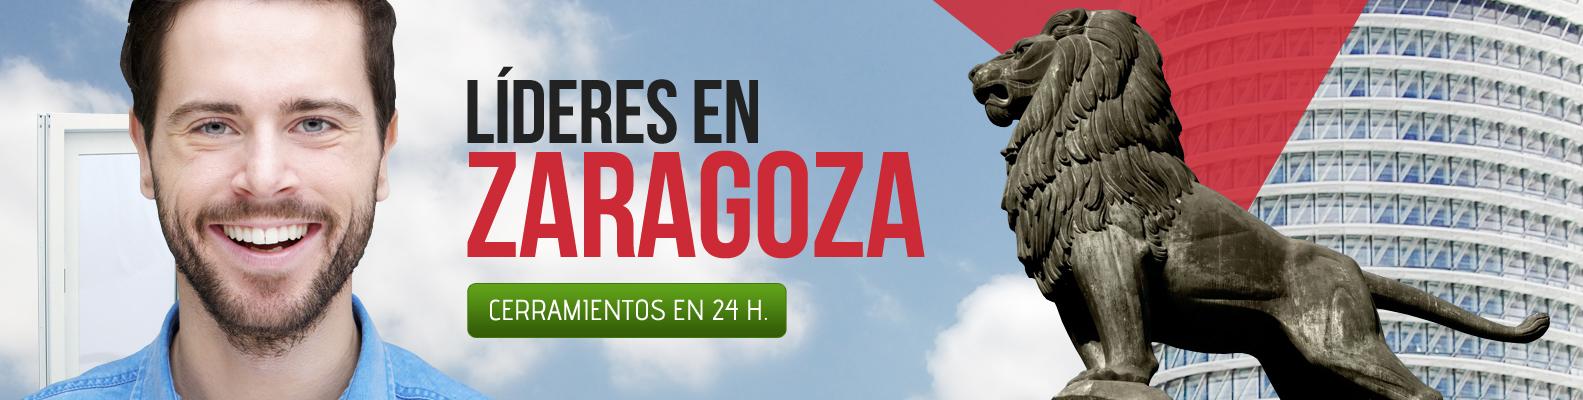 Ventanas de aluminio en Zaragoza